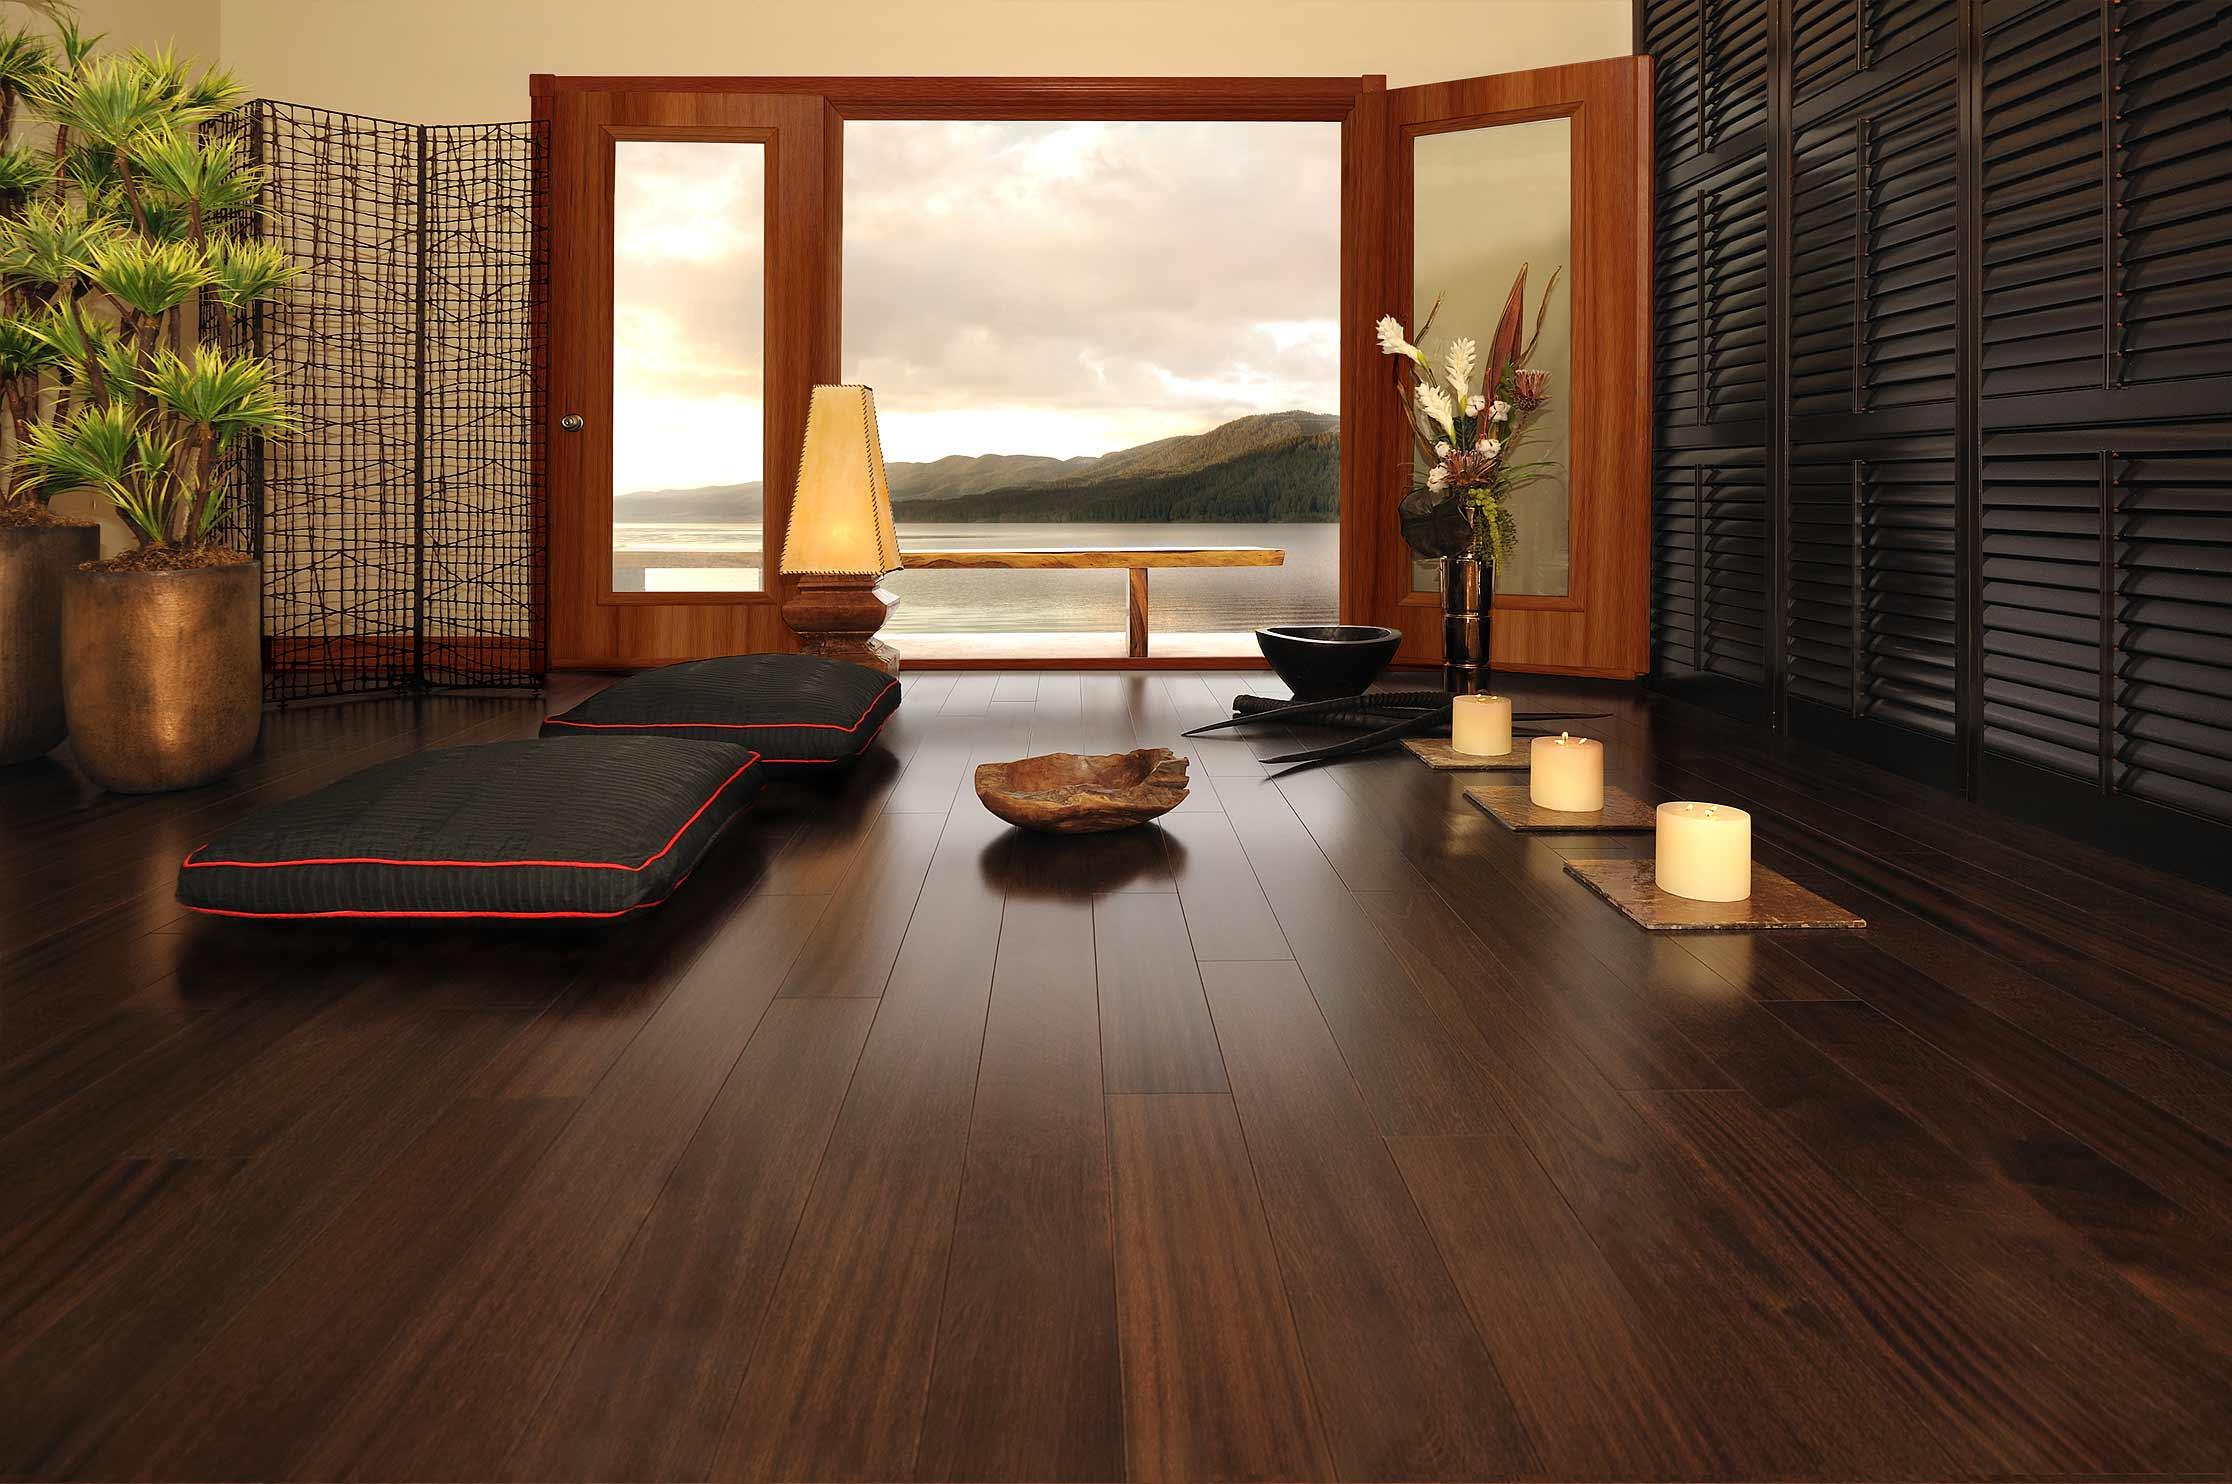 floor lamps in living room photo - 2